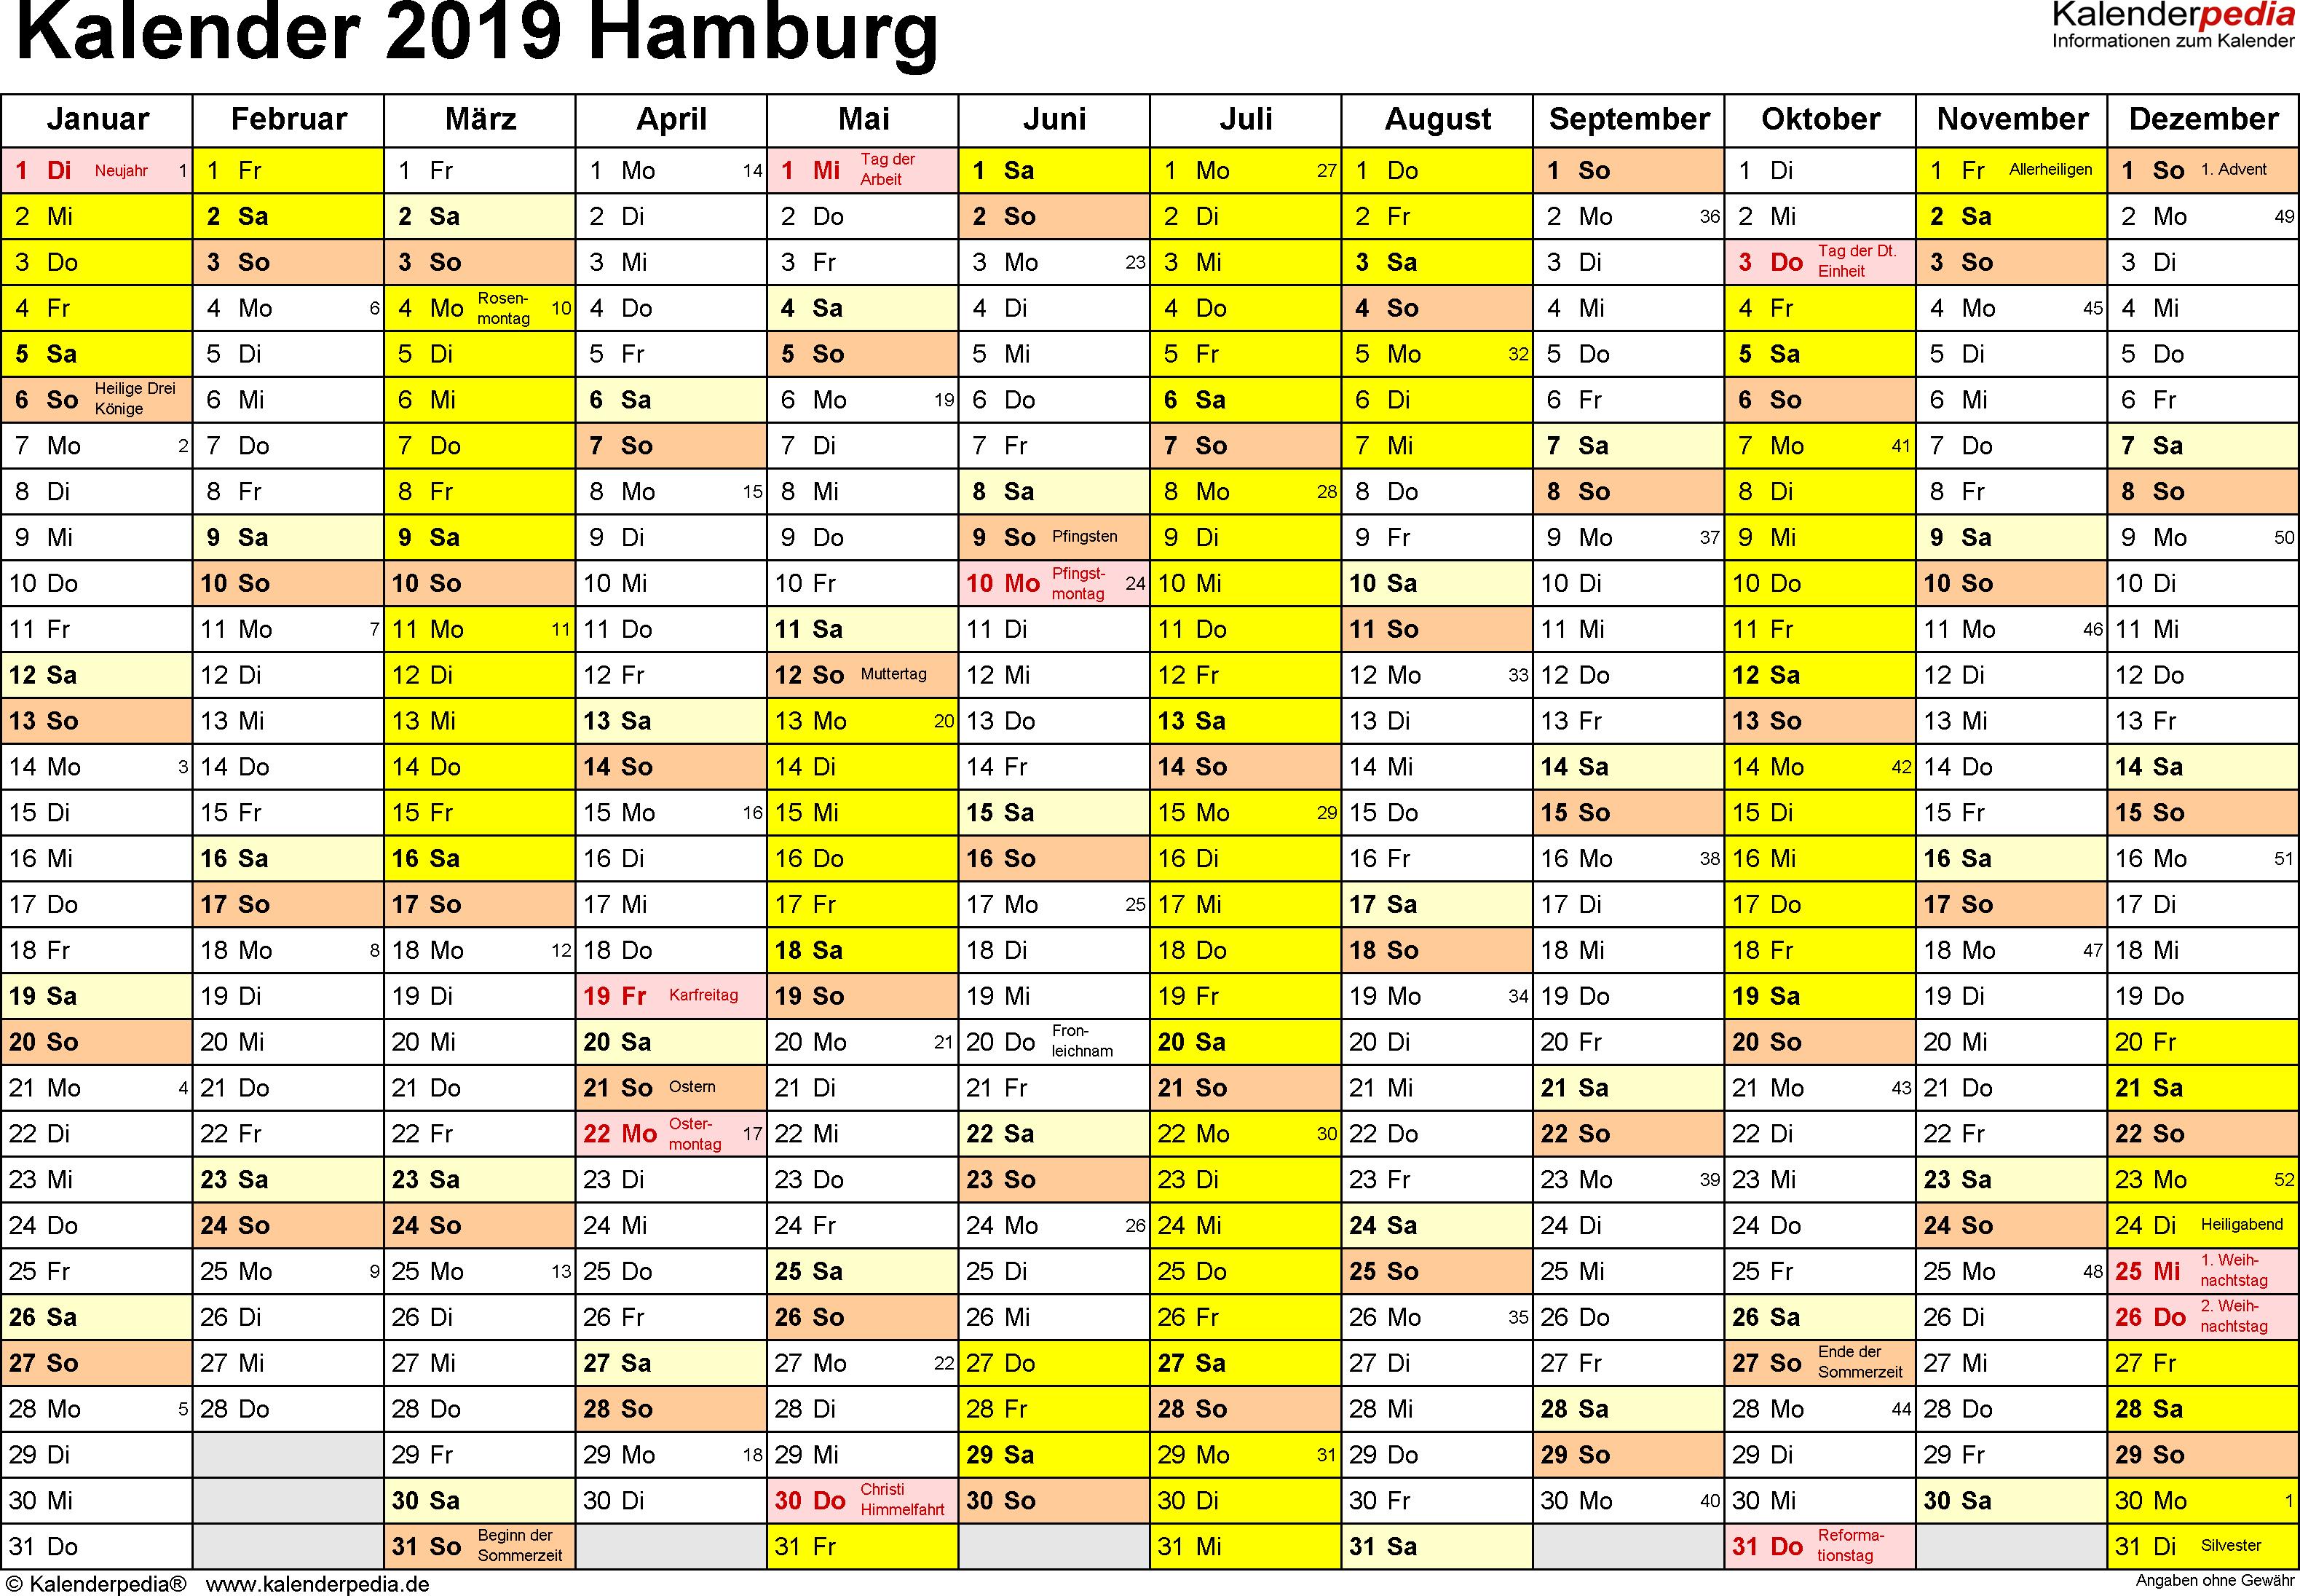 Vorlage 1: Kalender 2019 für Hamburg als PDF-Vorlage (Querformat, 1 Seite)